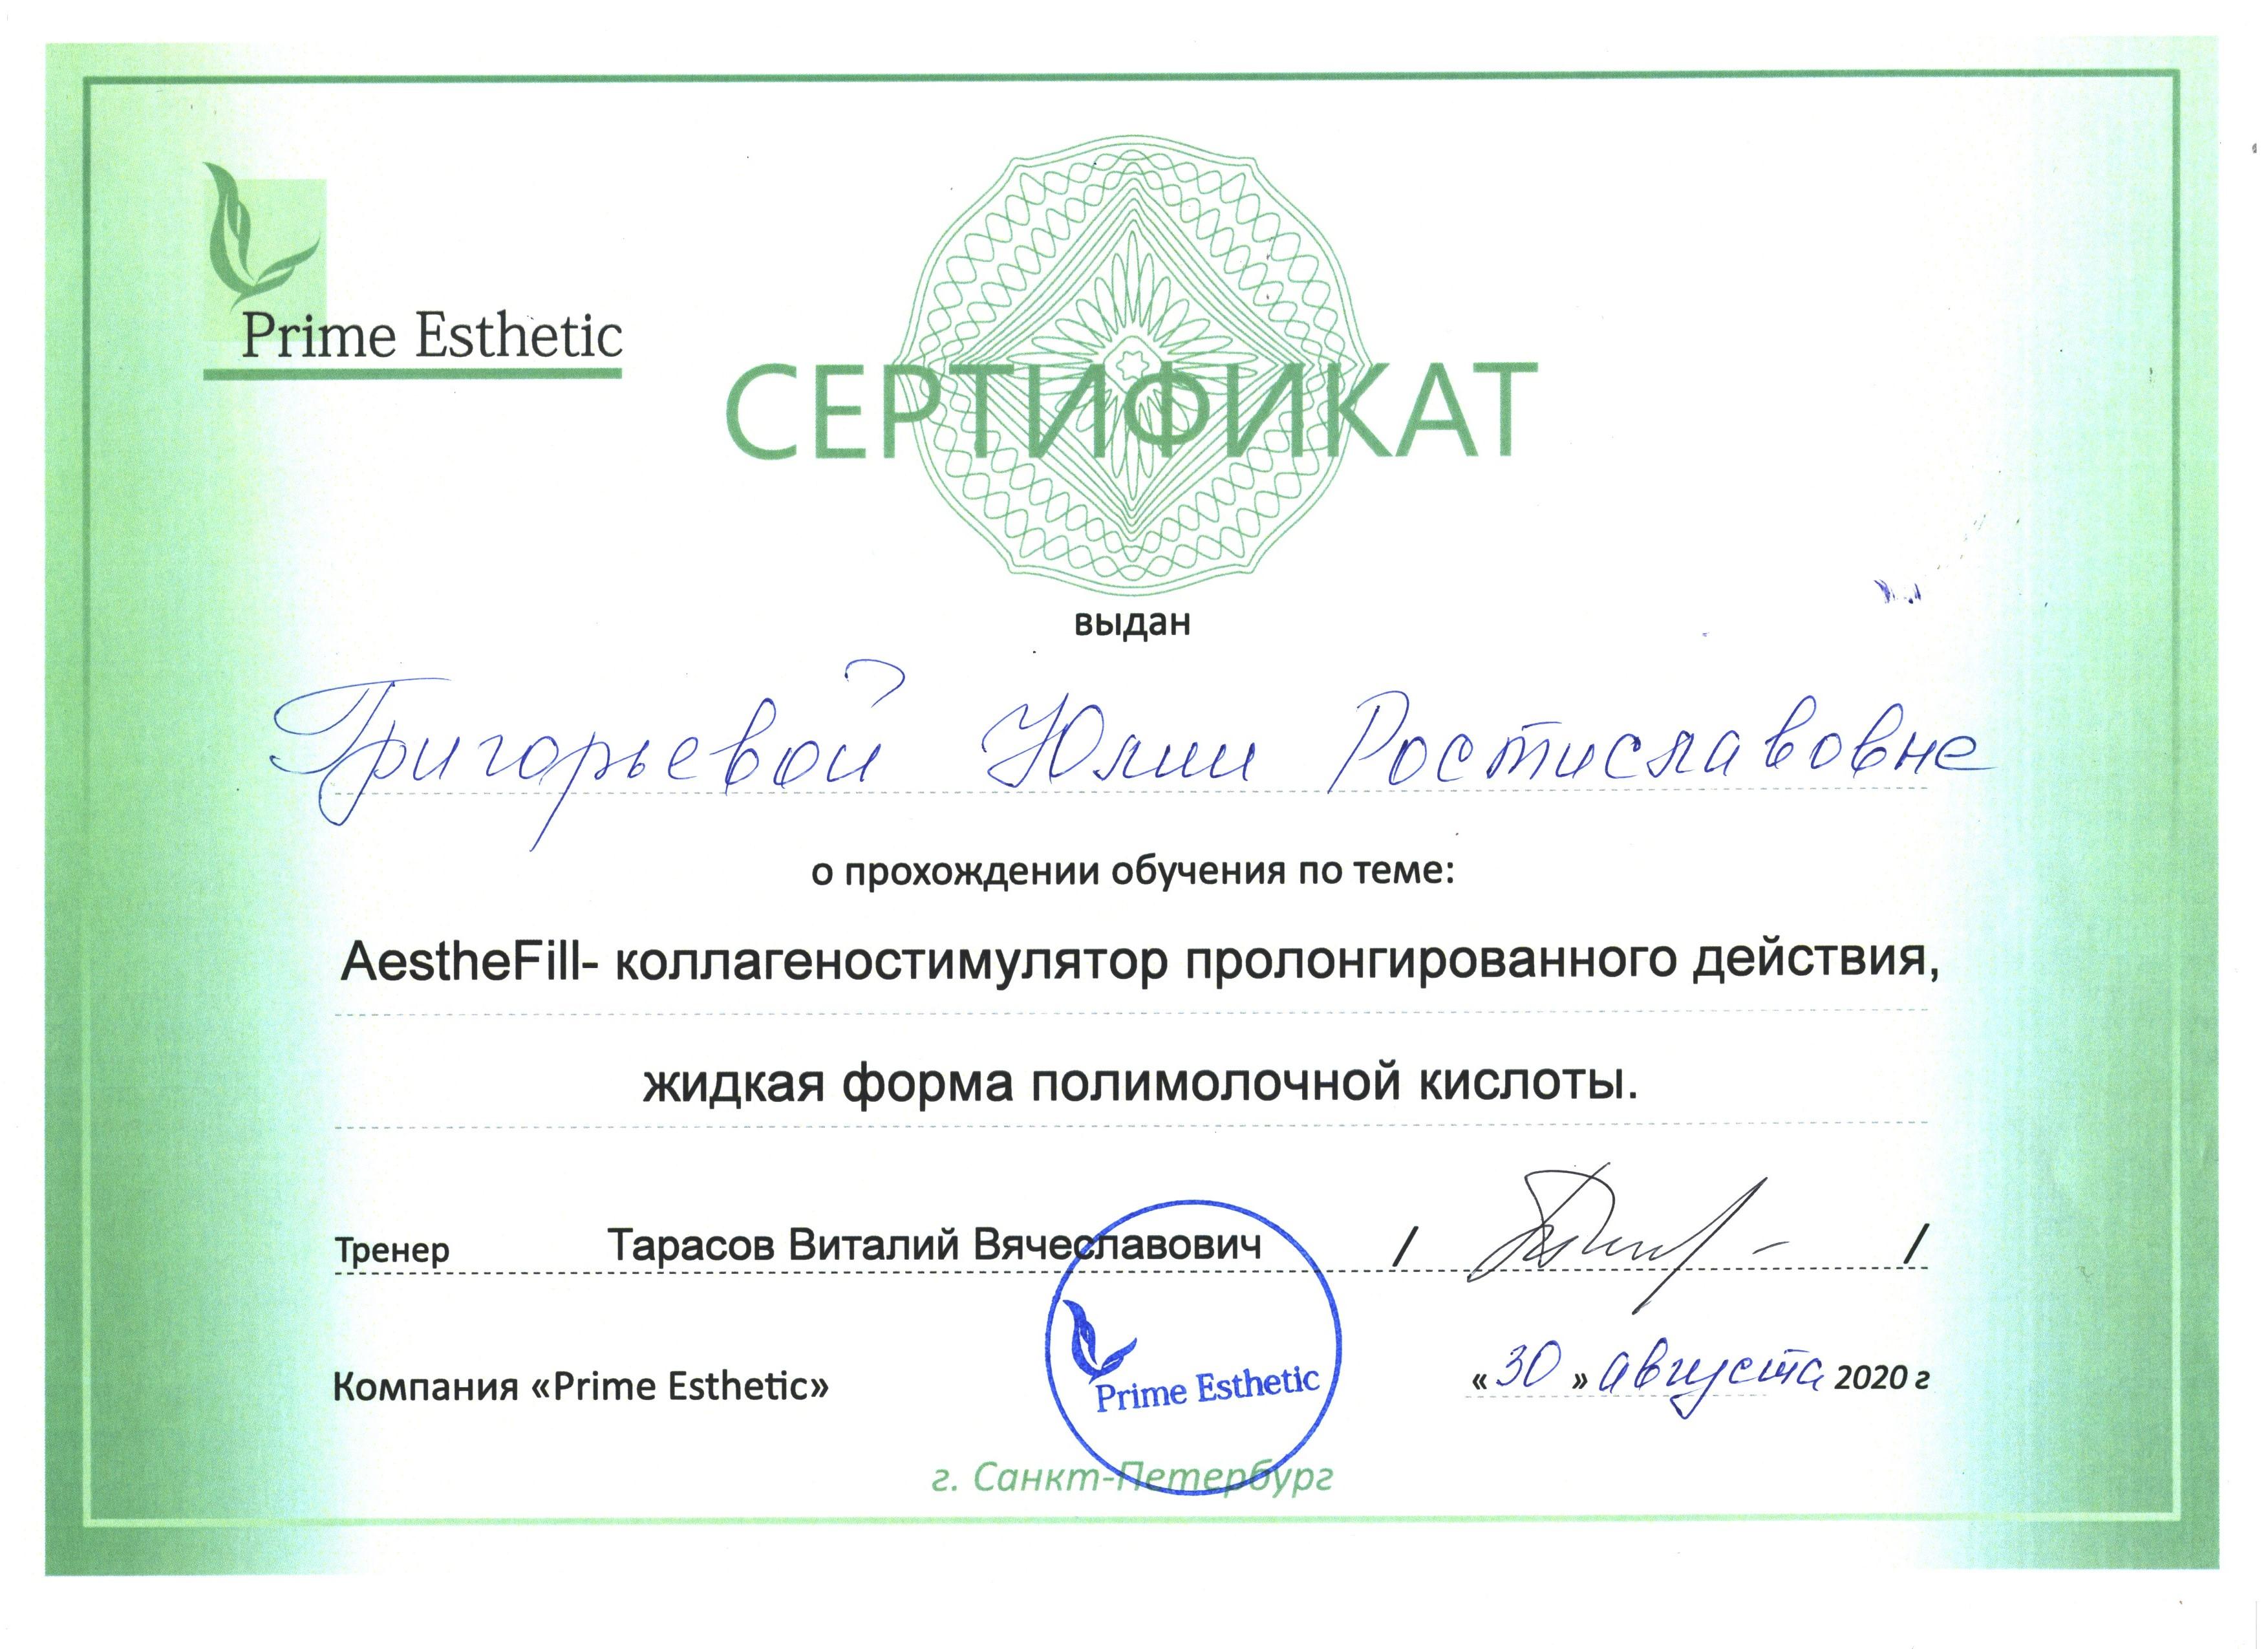 Сертификат Григорьева12